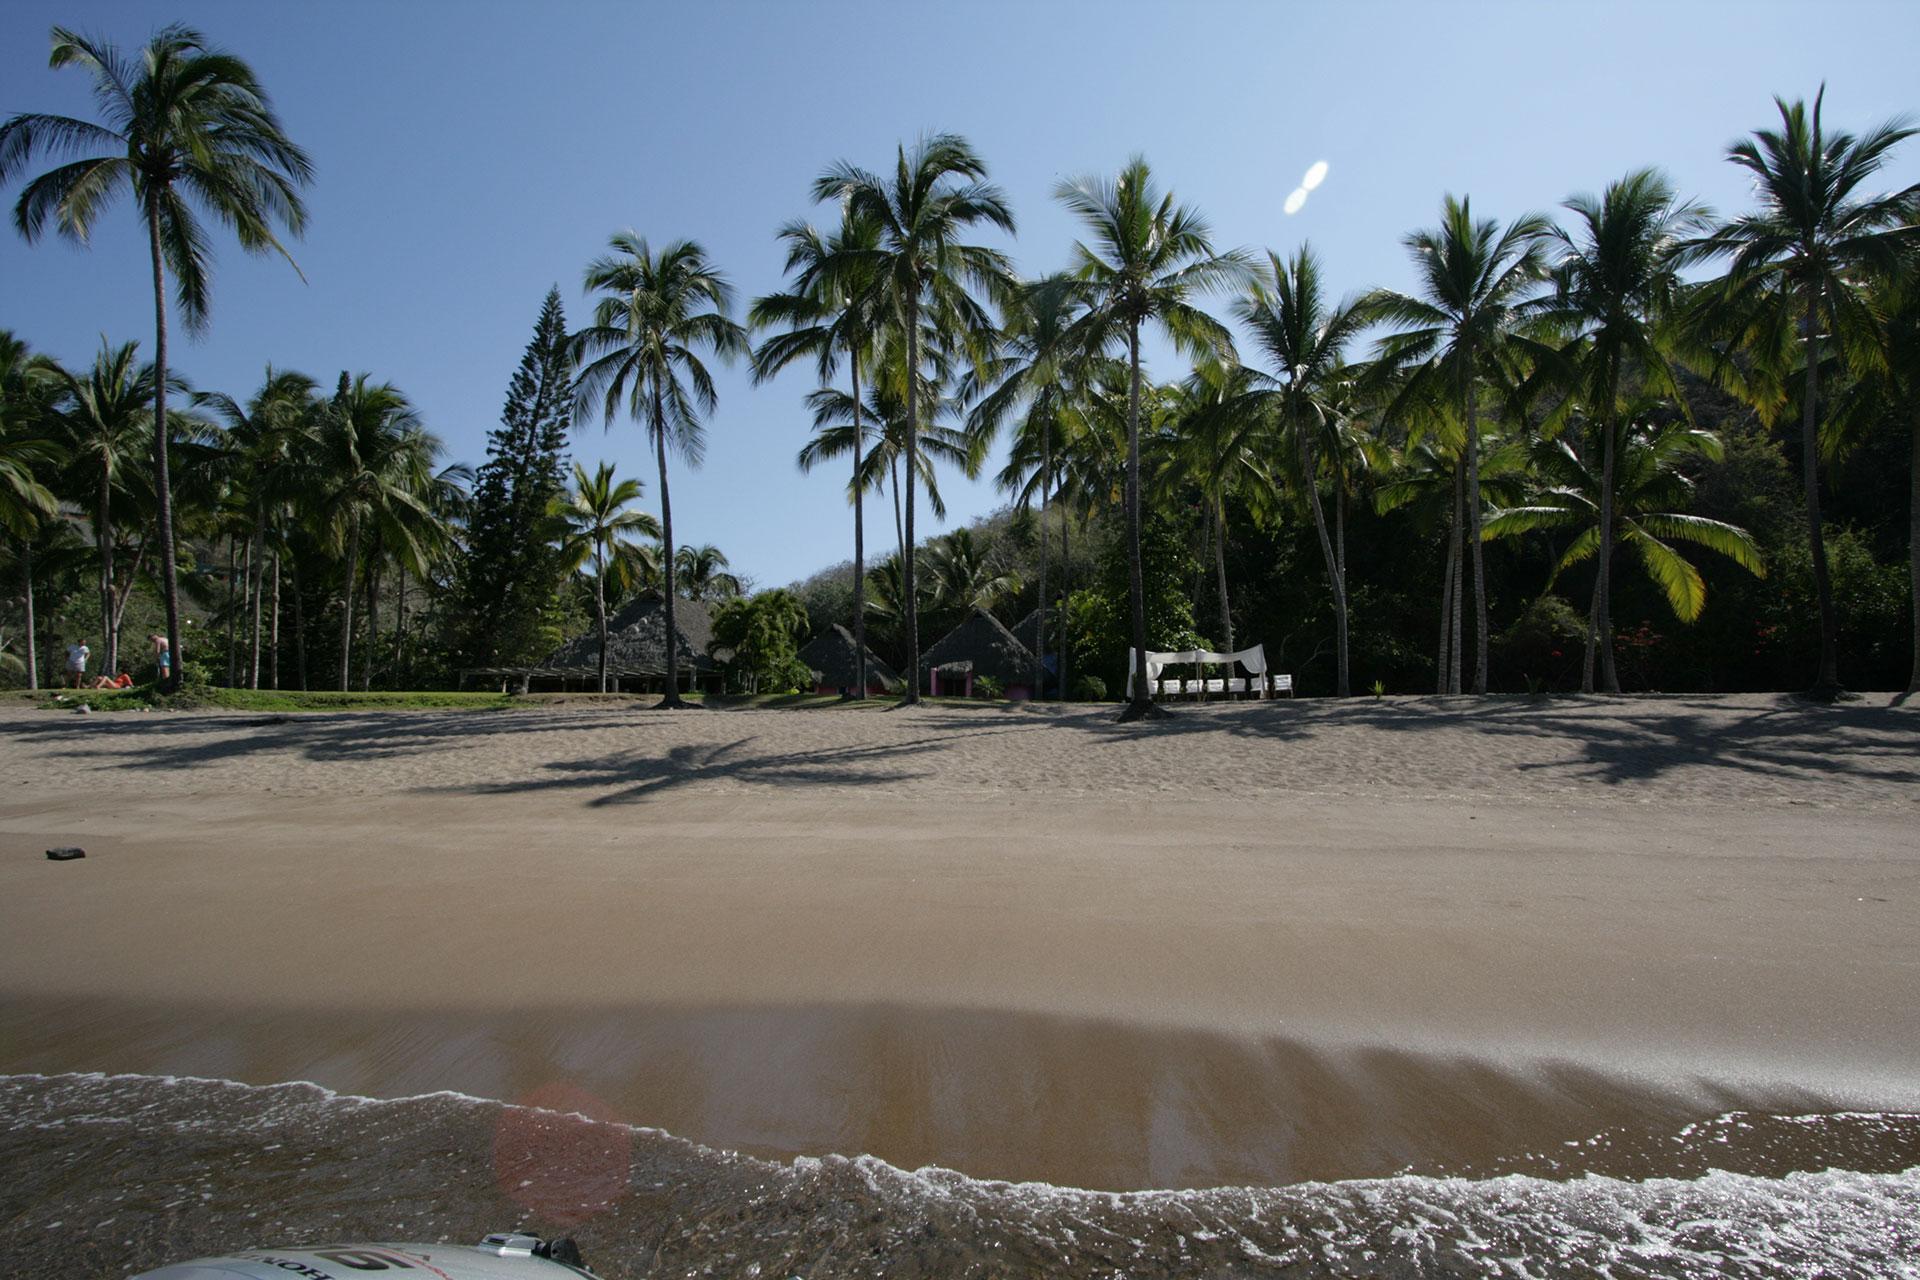 Playa rosa bungalows costa careyes - Casitas de playa ...